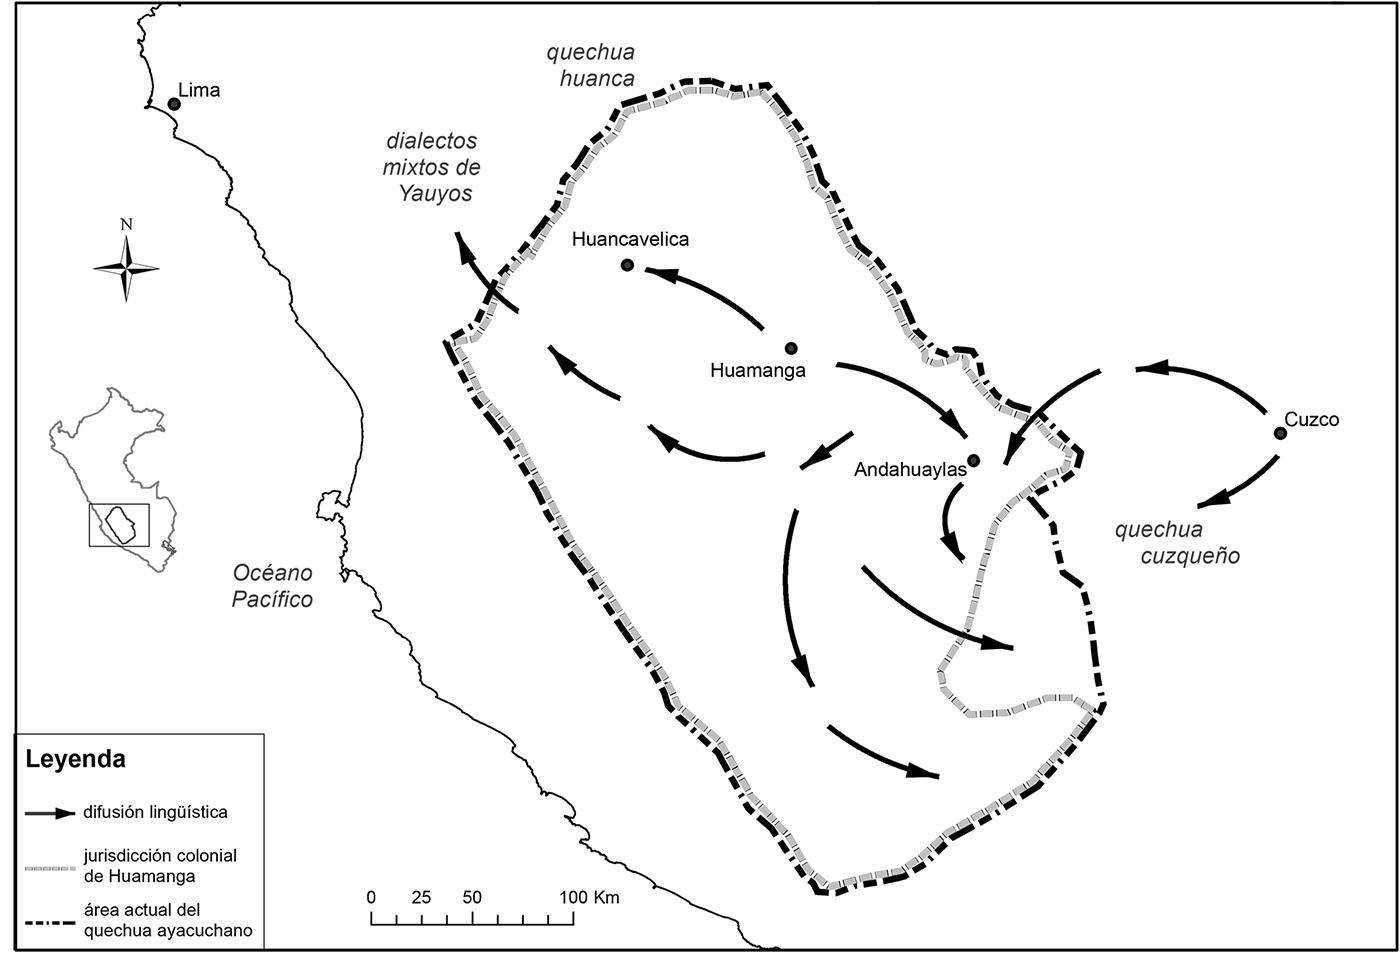 La formación del quechua ayacuchano, un proceso inca y colonial